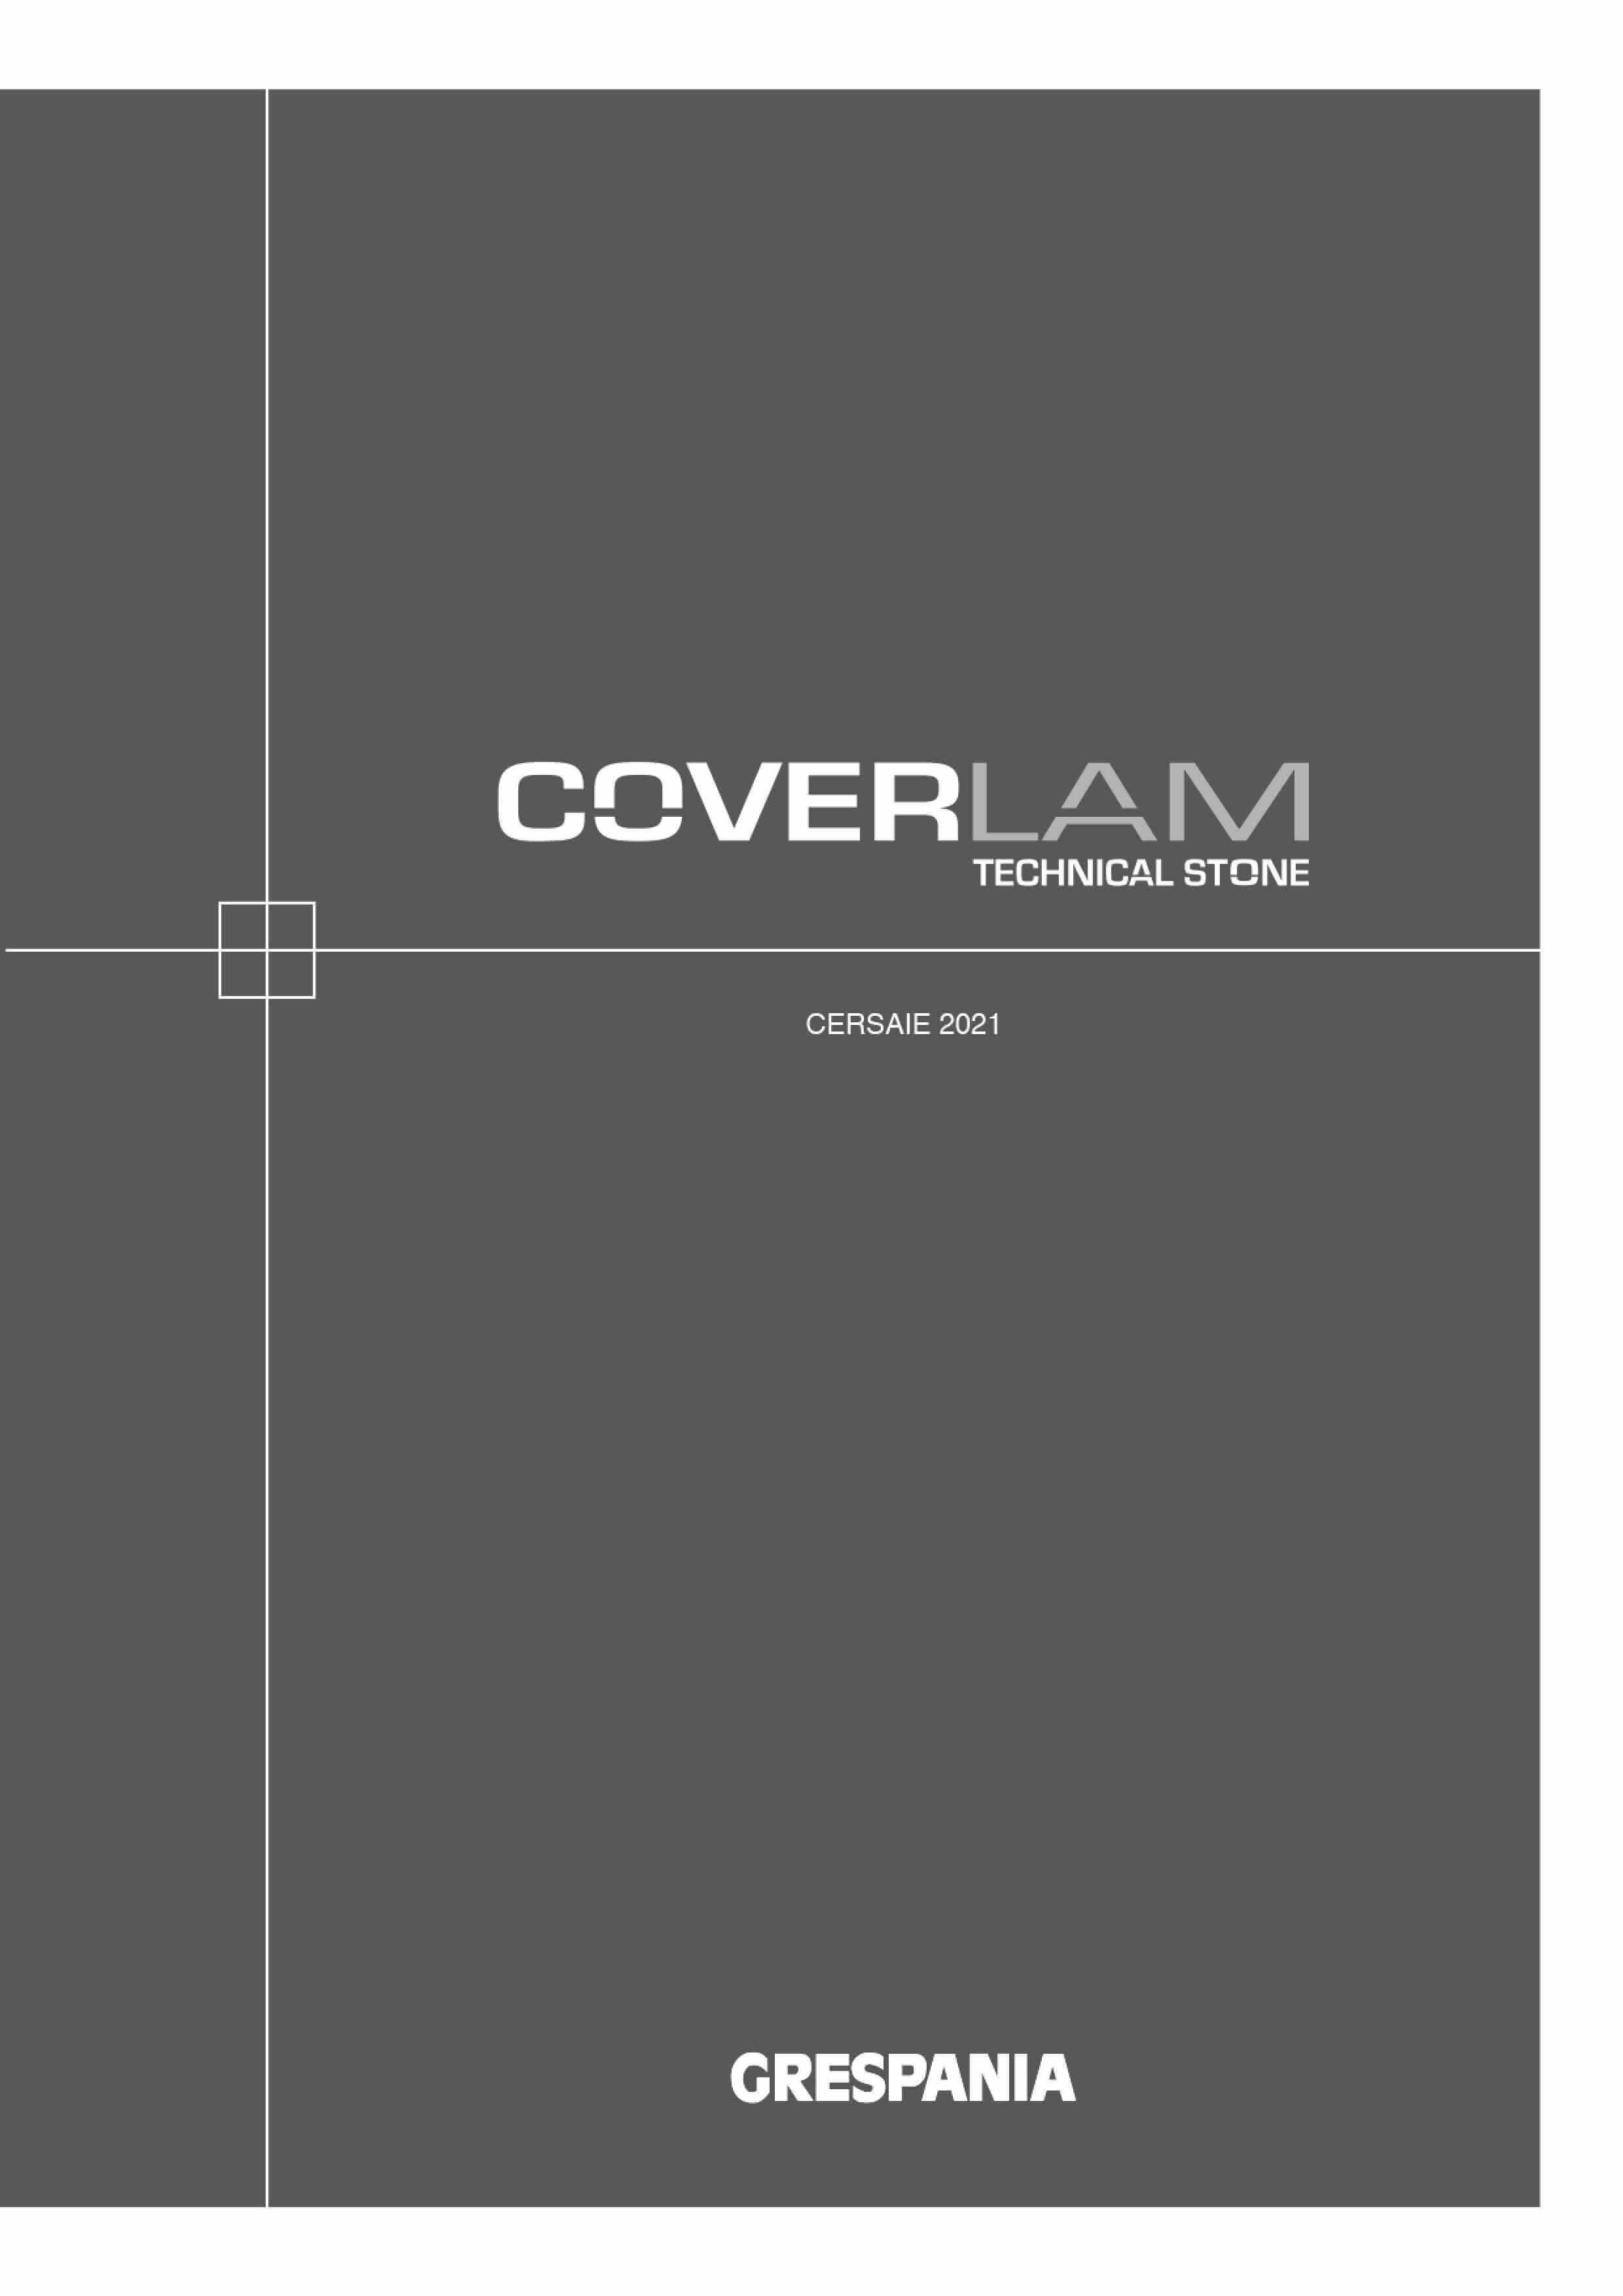 Portada Coverlam | Catálogos Coverlam Top